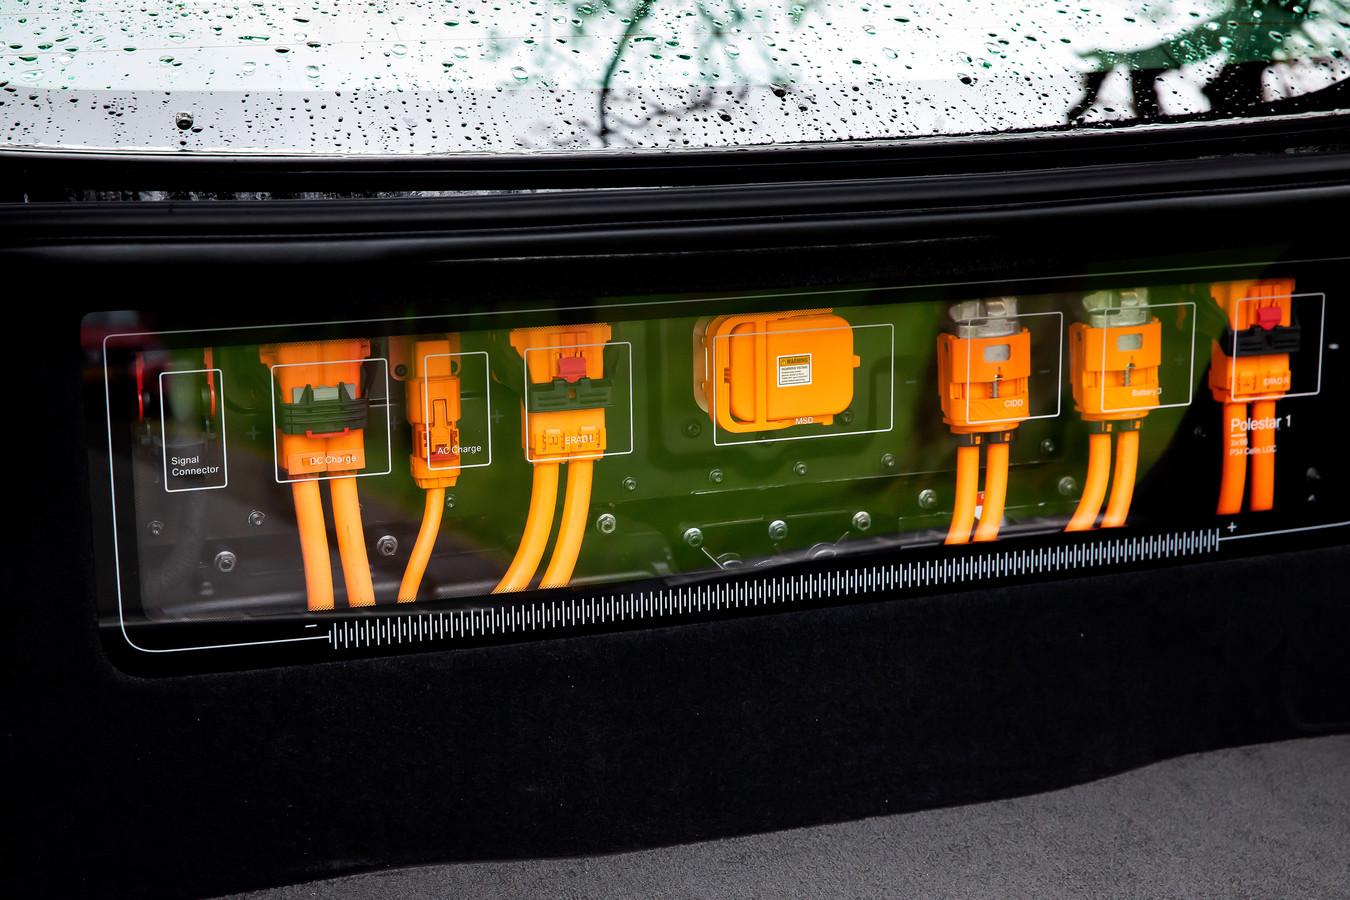 Polestar-theater: de stekkers van het hybridesysteem zijn zichtbaar in de achterbak. FOTO BART HOOGVELD